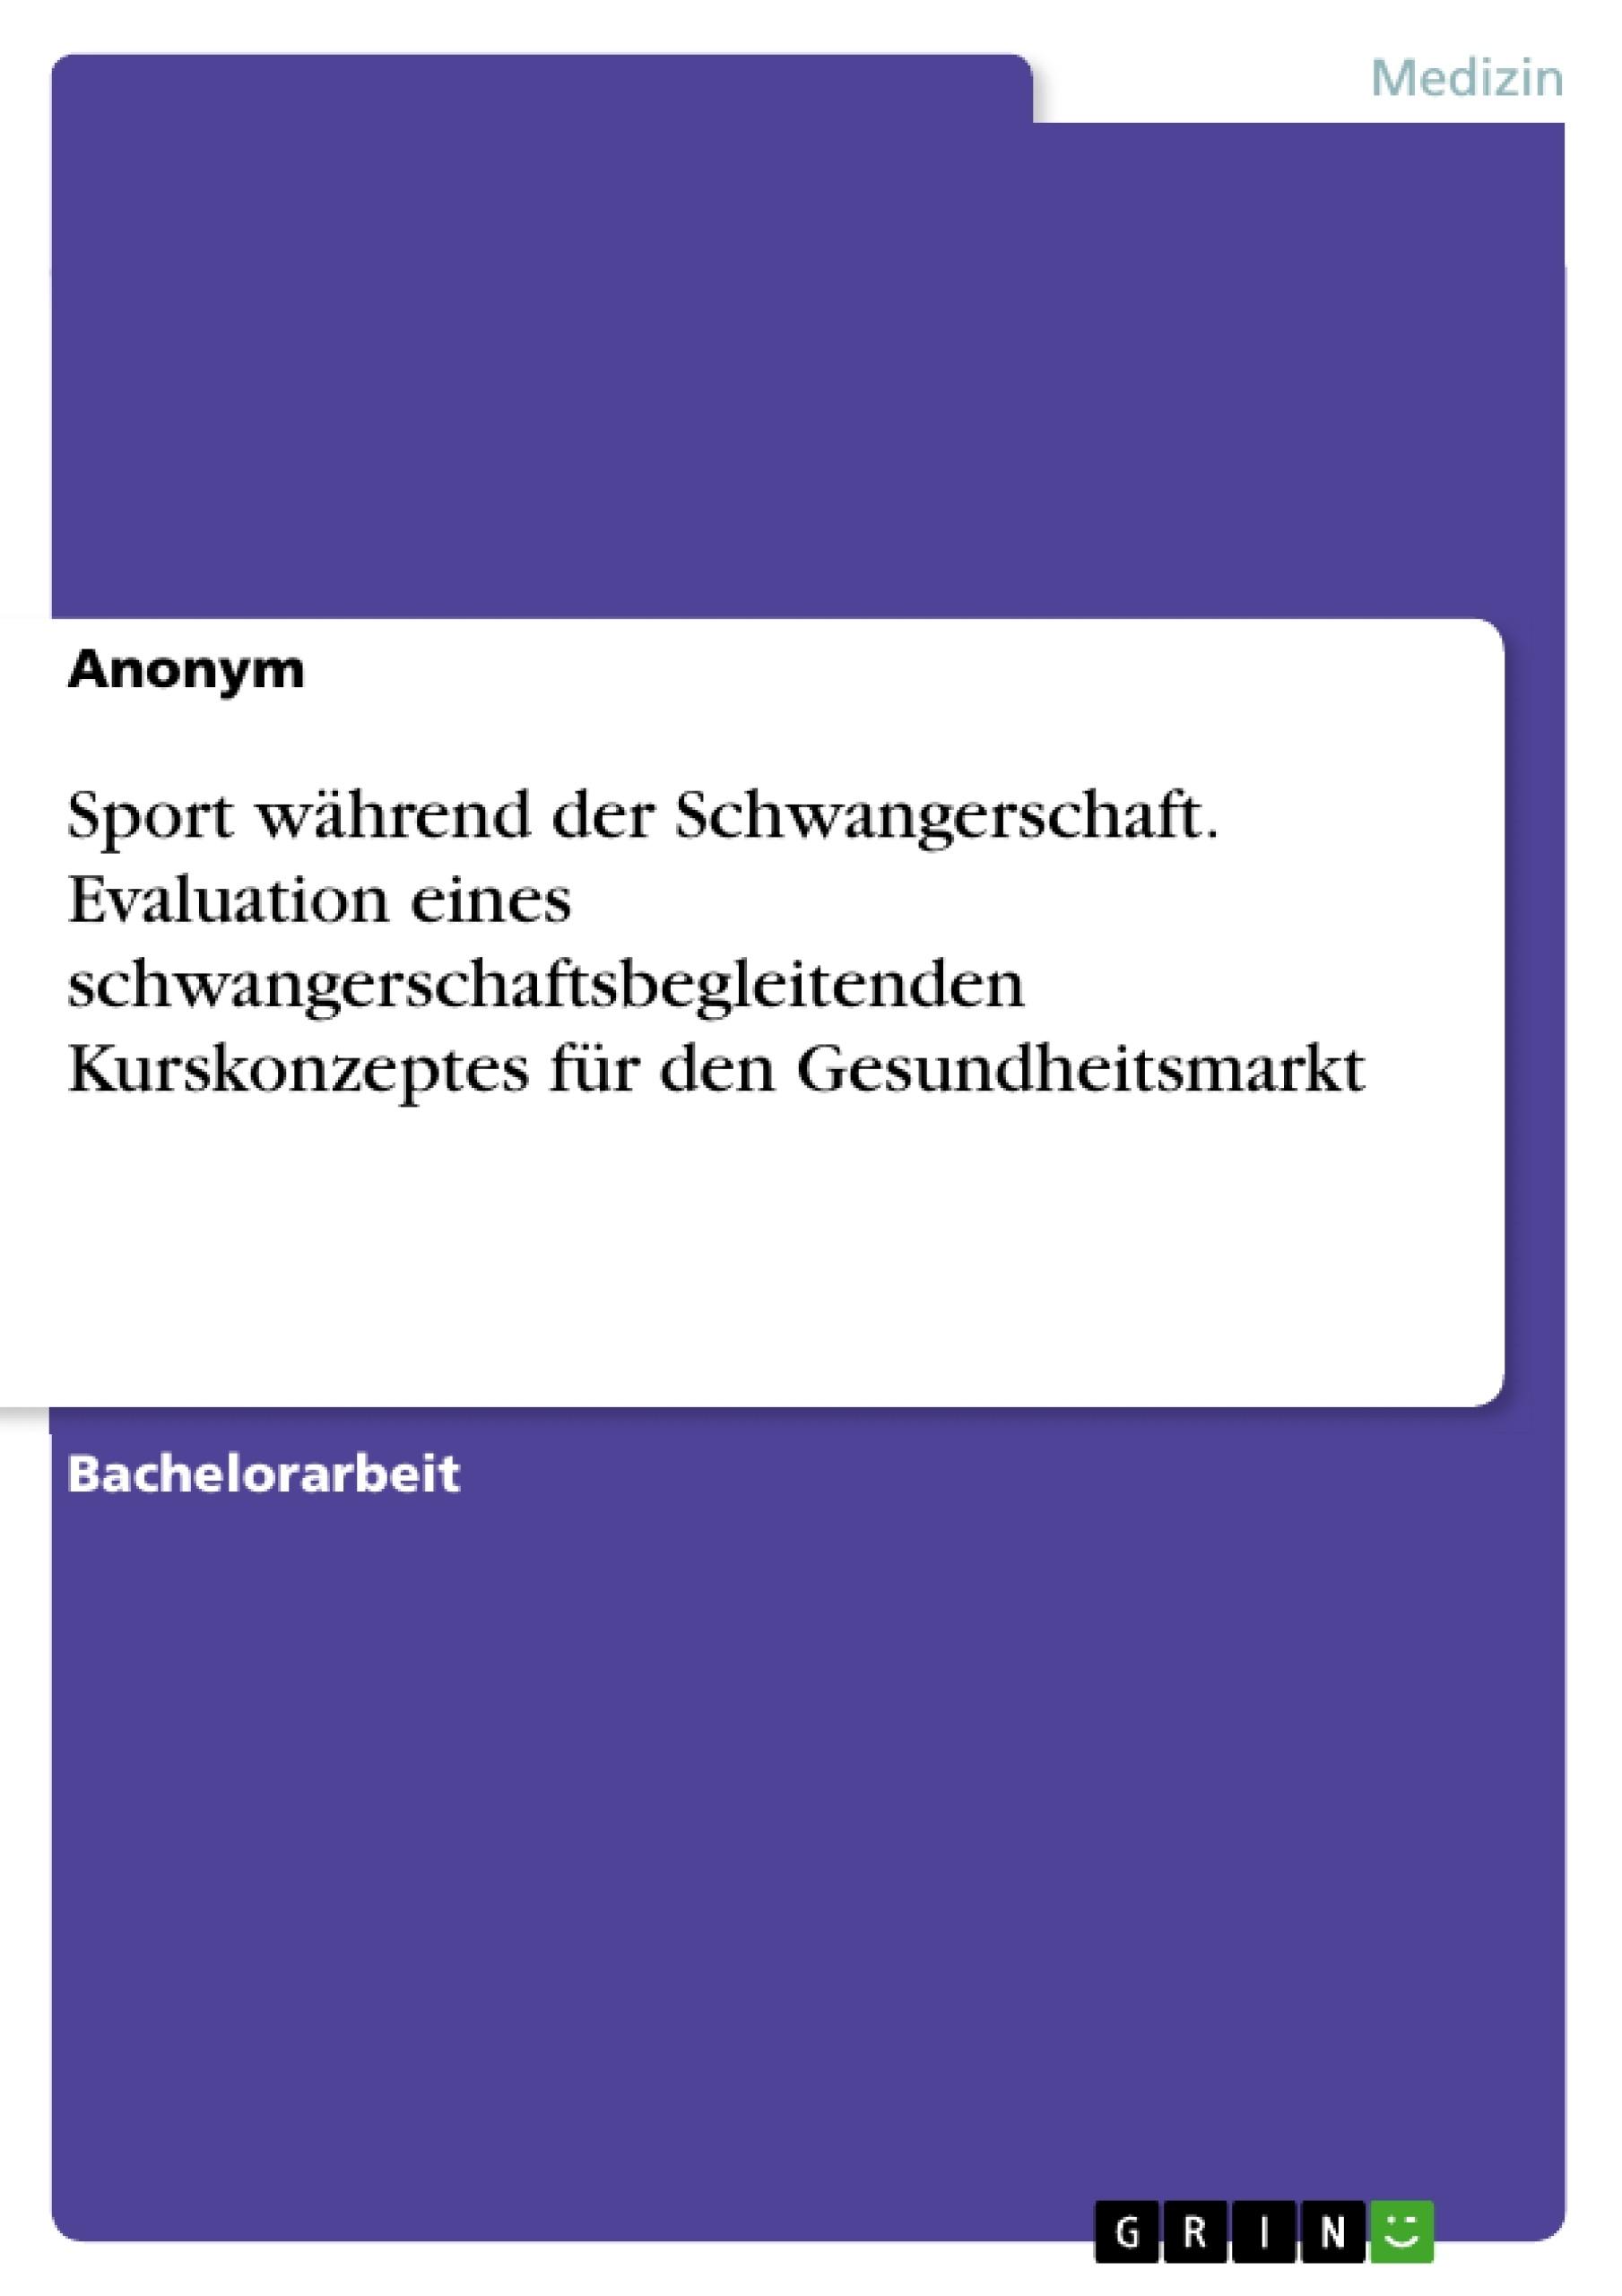 Titel: Sport während der Schwangerschaft. Evaluation eines schwangerschaftsbegleitenden Kurskonzeptes für den Gesundheitsmarkt